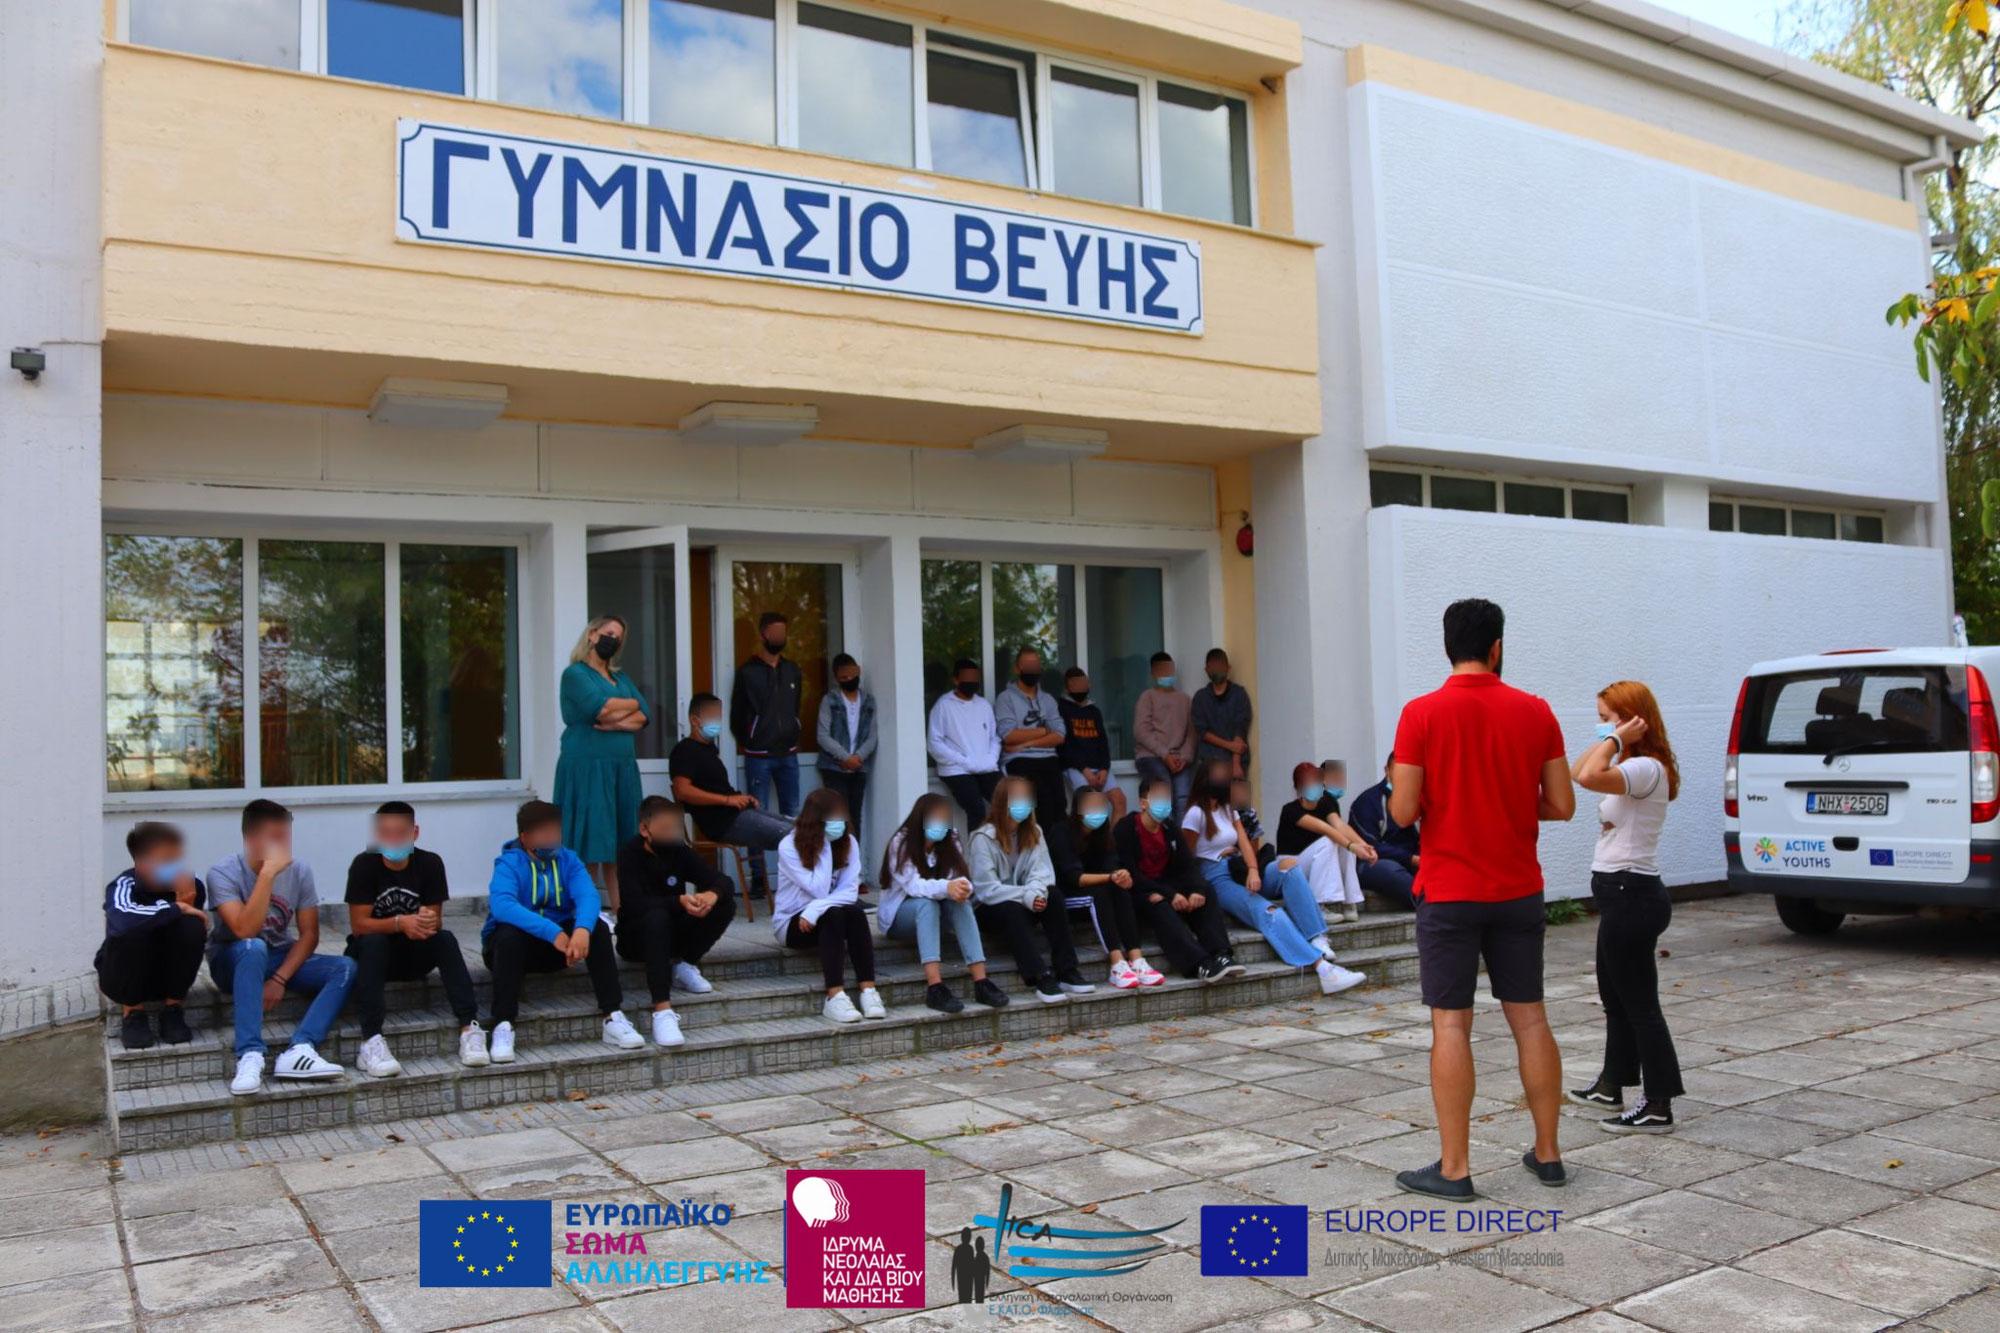 """Το Europe Direct Δυτικής Μακεδονίας και το """"LoCo Bus"""" στο Γυμνάσιο Βεύης"""